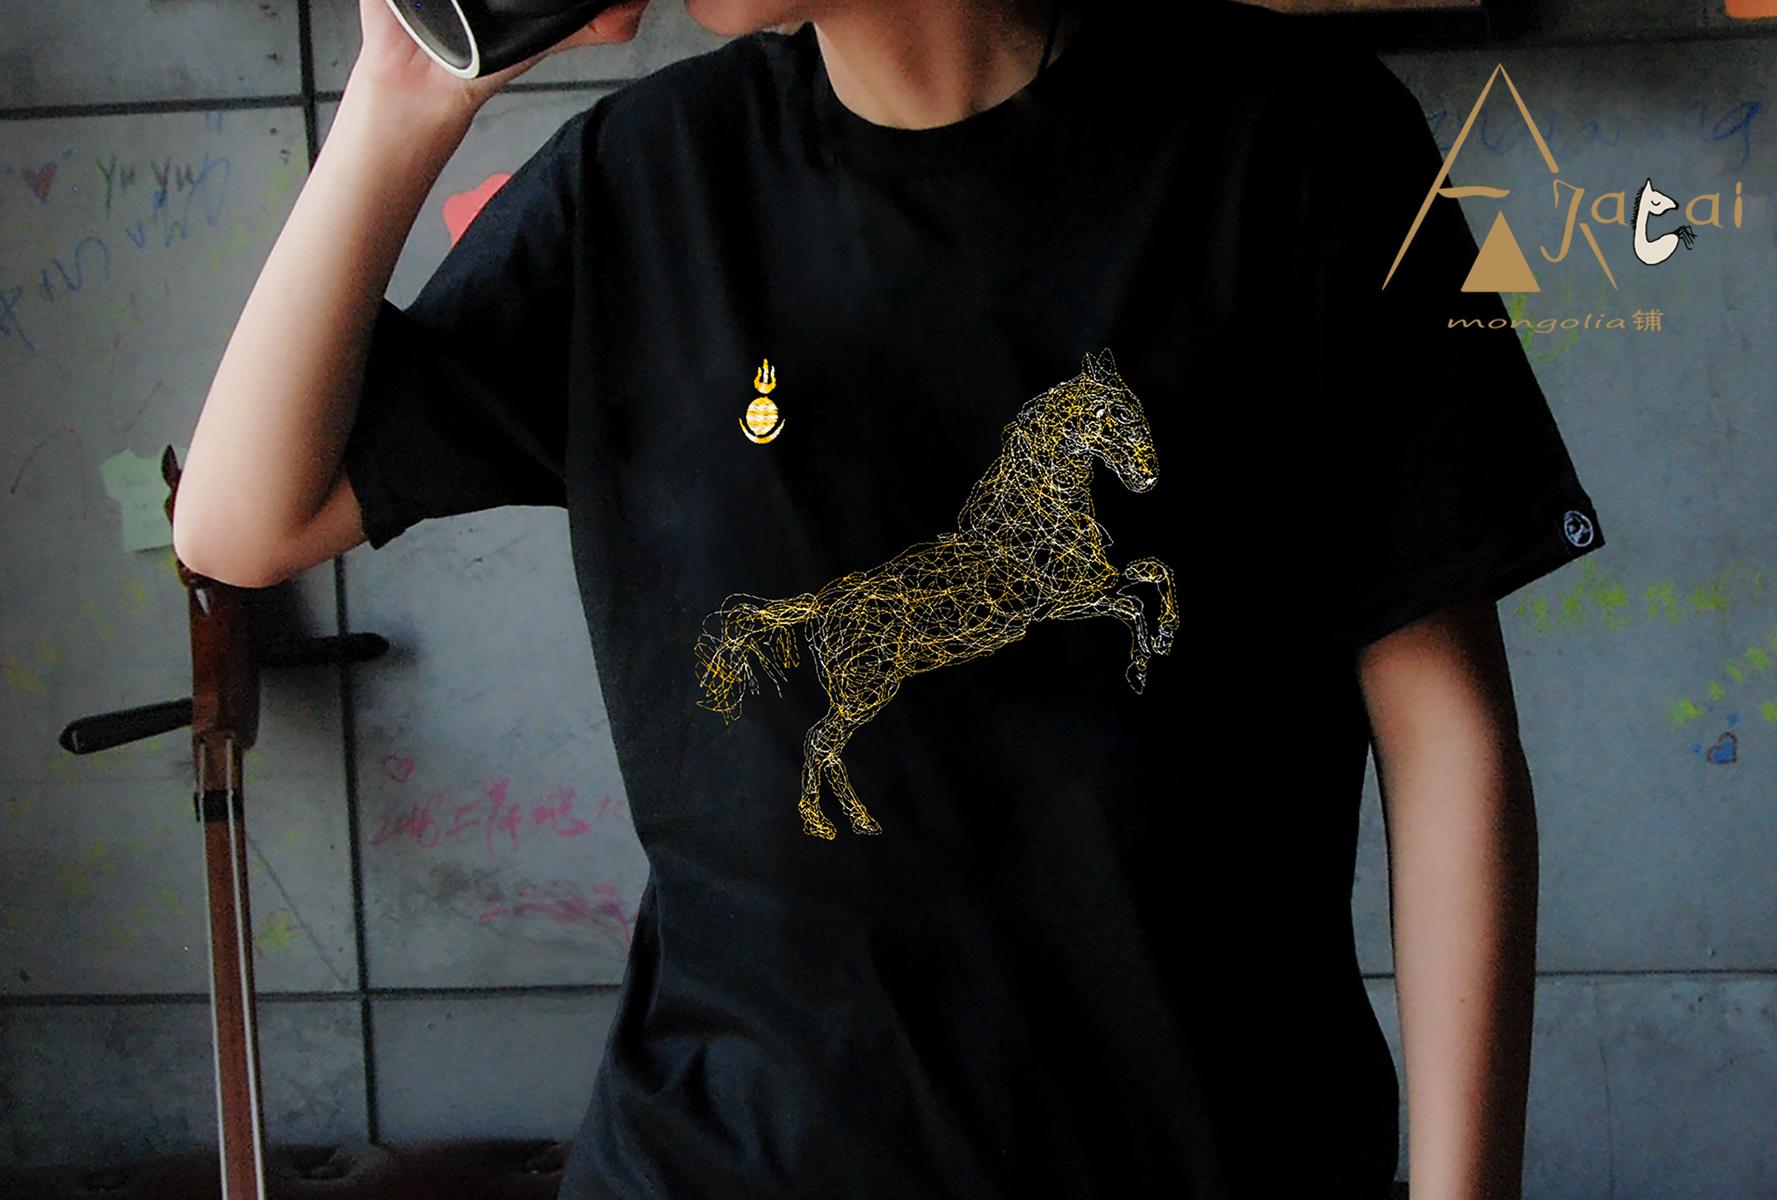 阿吉太2020新款纯棉刺绣蒙古马风格短袖男女民族元素原创定制T恤